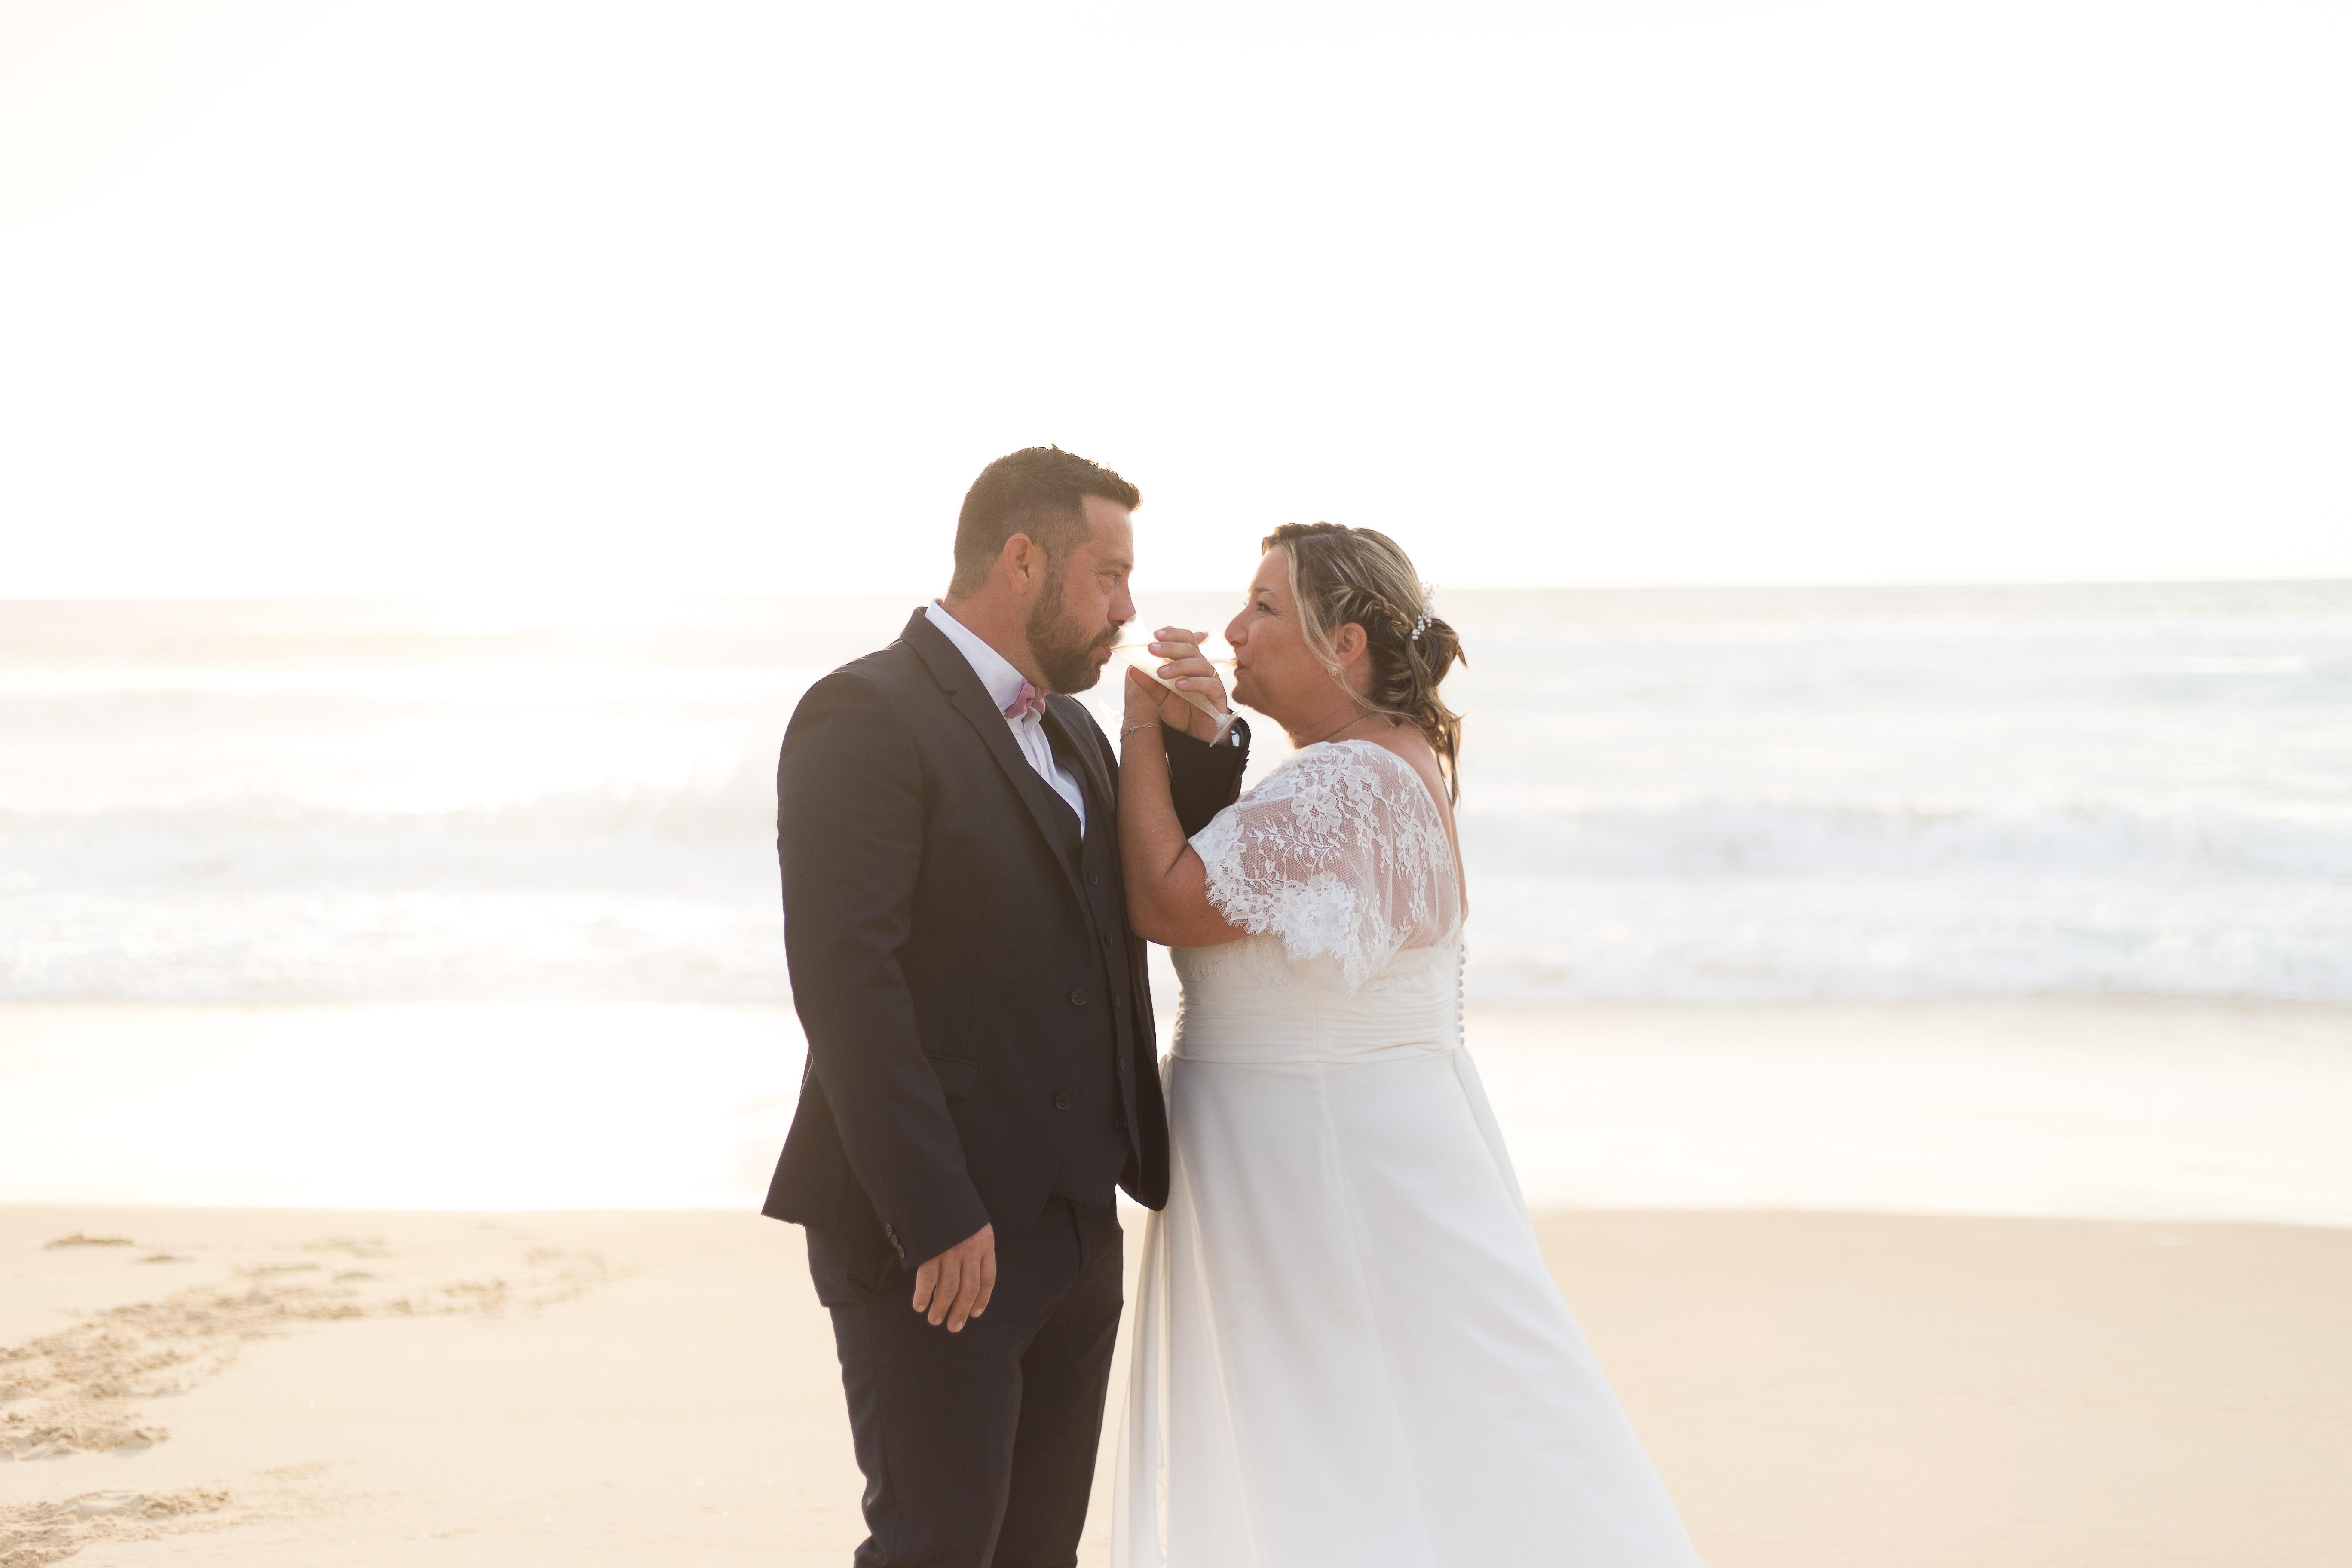 célébration mariage photo plage